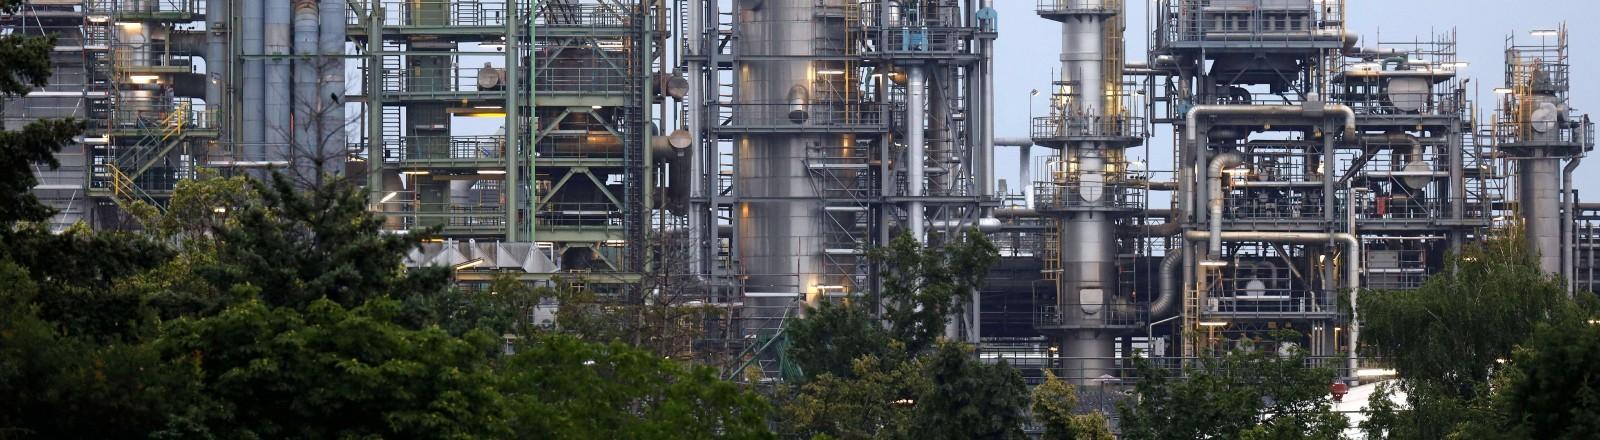 Eine Raffinerieanlage zur Herstellung von grünem Wasserstoff